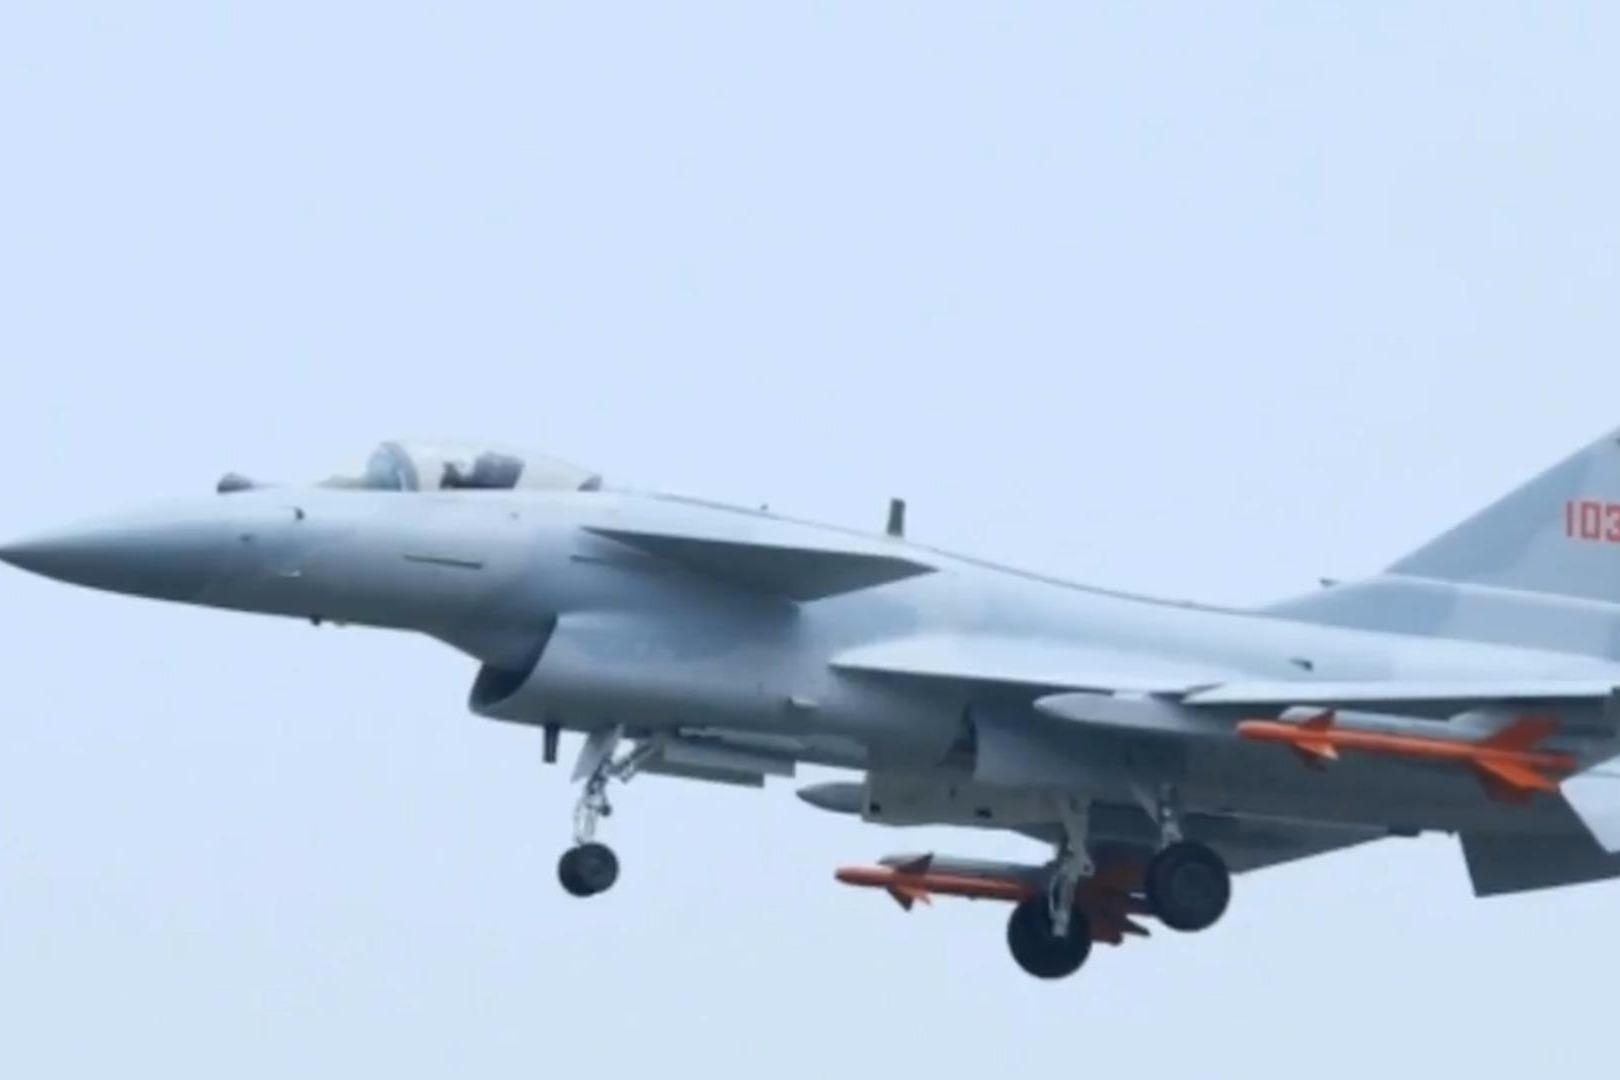 中国空军喜讯不断,多款新型战机列装部队,开始研发新一代装备